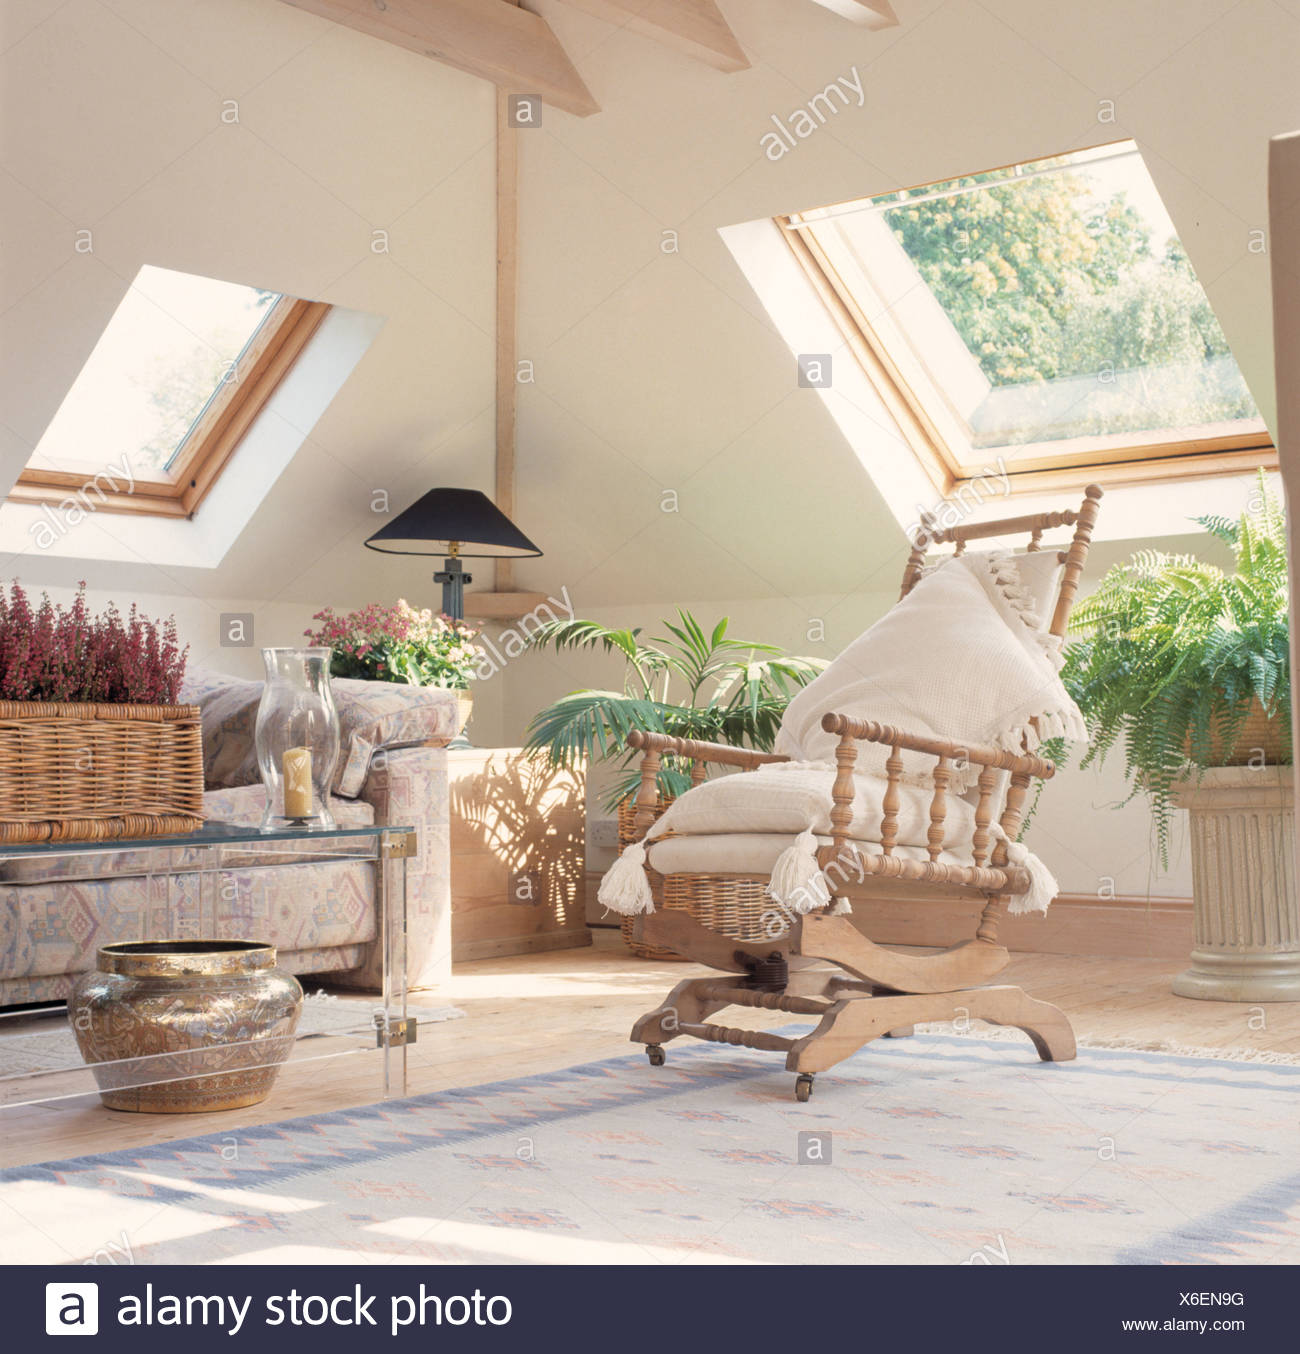 Cremefarbene Kissen Auf Schaukelstuhl Im Wohnzimmer Dachgeschoss Mit Velux  Fenstern Und Grüne Zimmerpflanzen